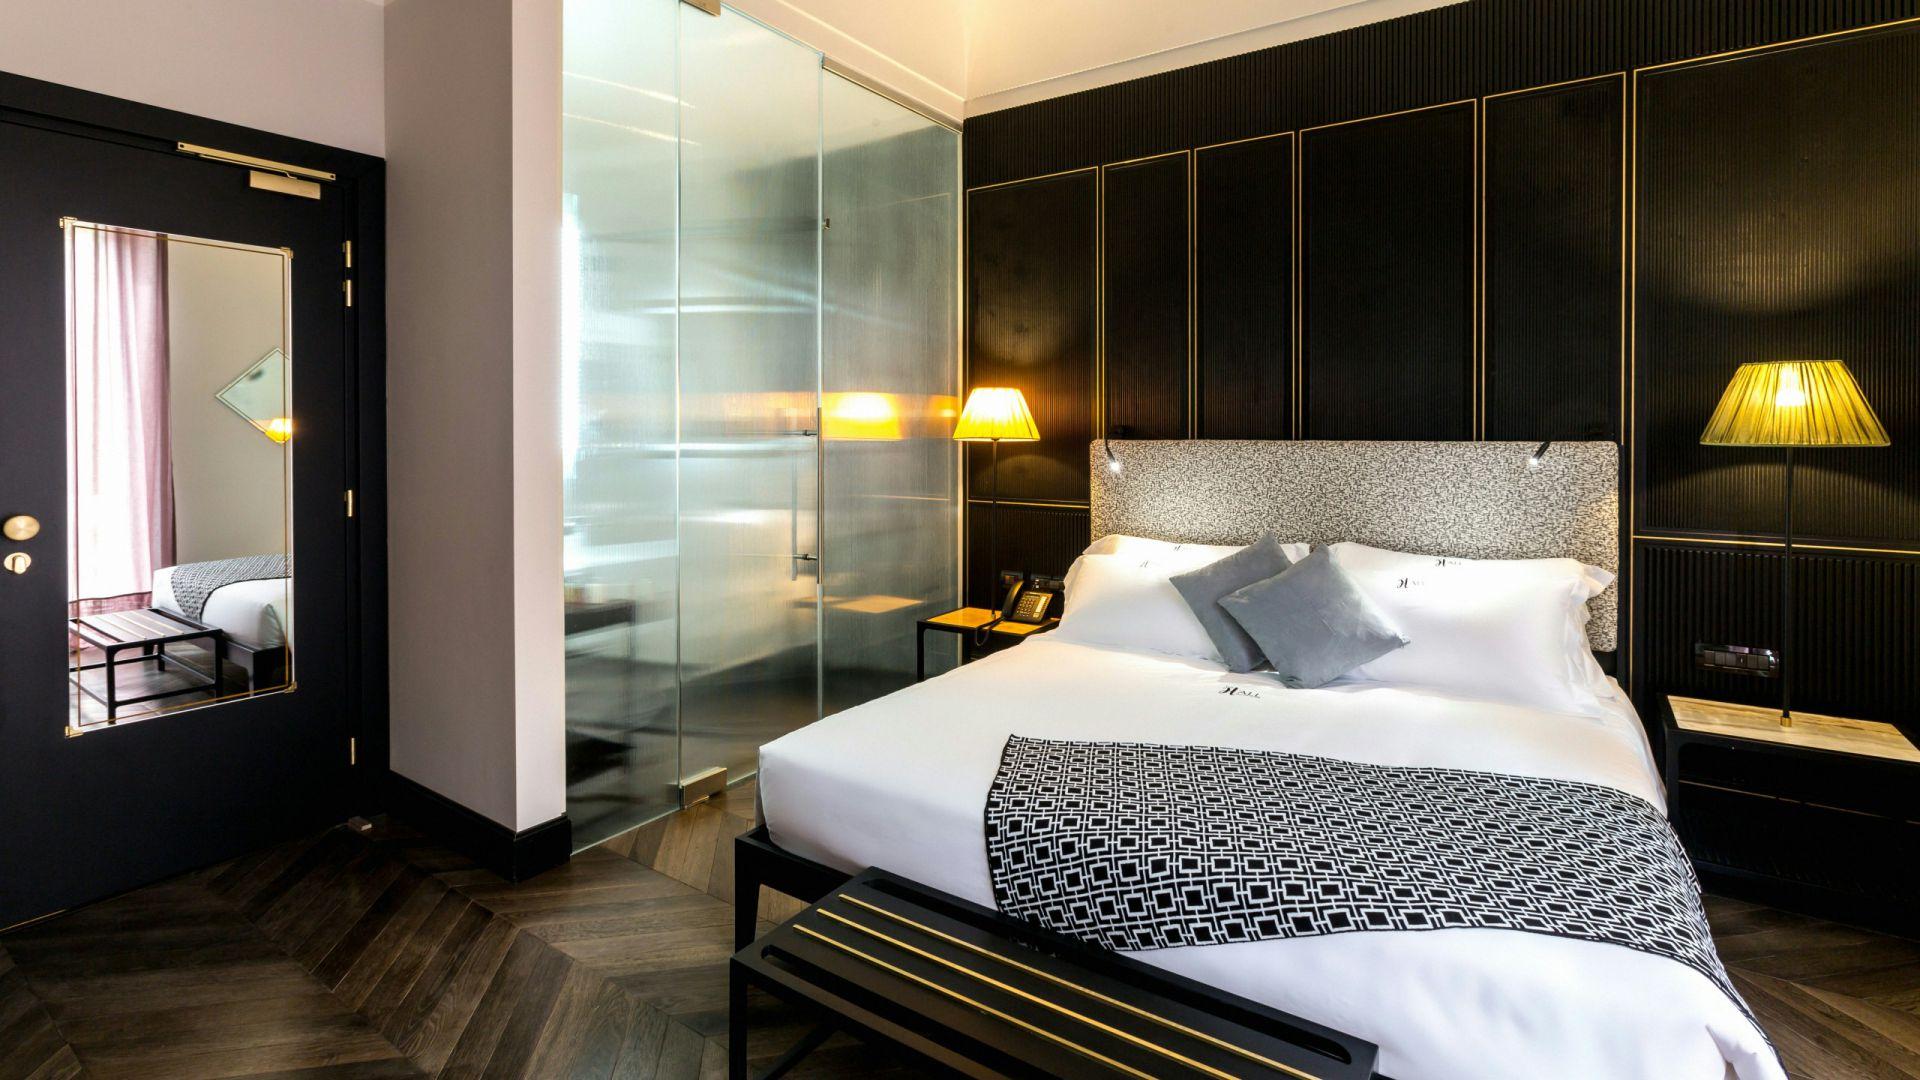 theallhotel-superior-9798